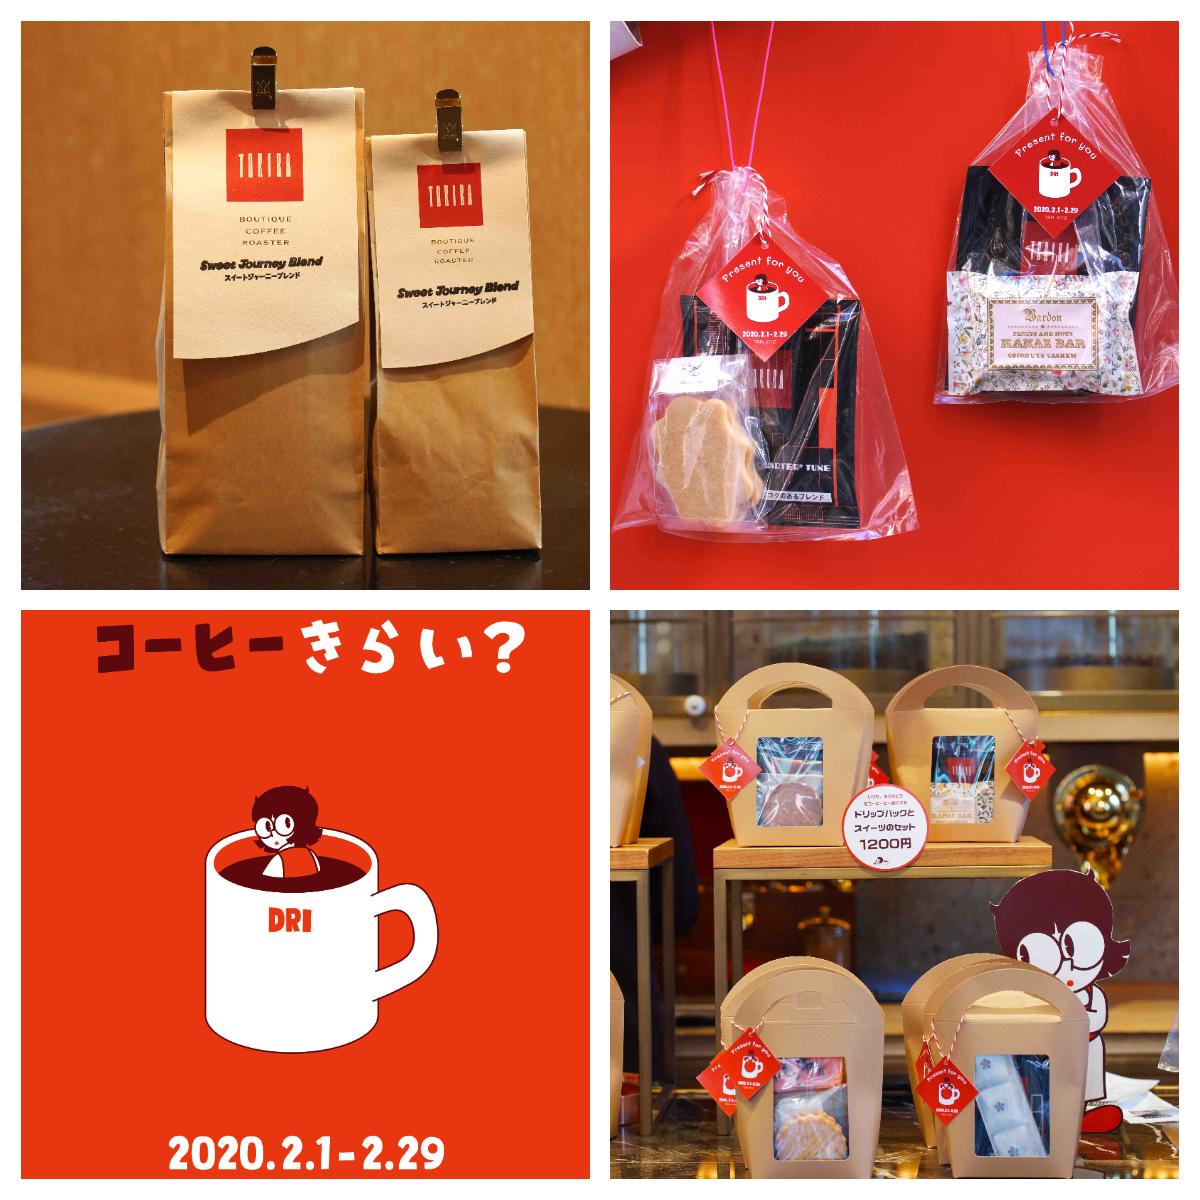 全国から選りすぐりのスイーツが『トリバ コーヒー 銀座店』に! おやつに合うコーヒーと最高のマリアージュ_3